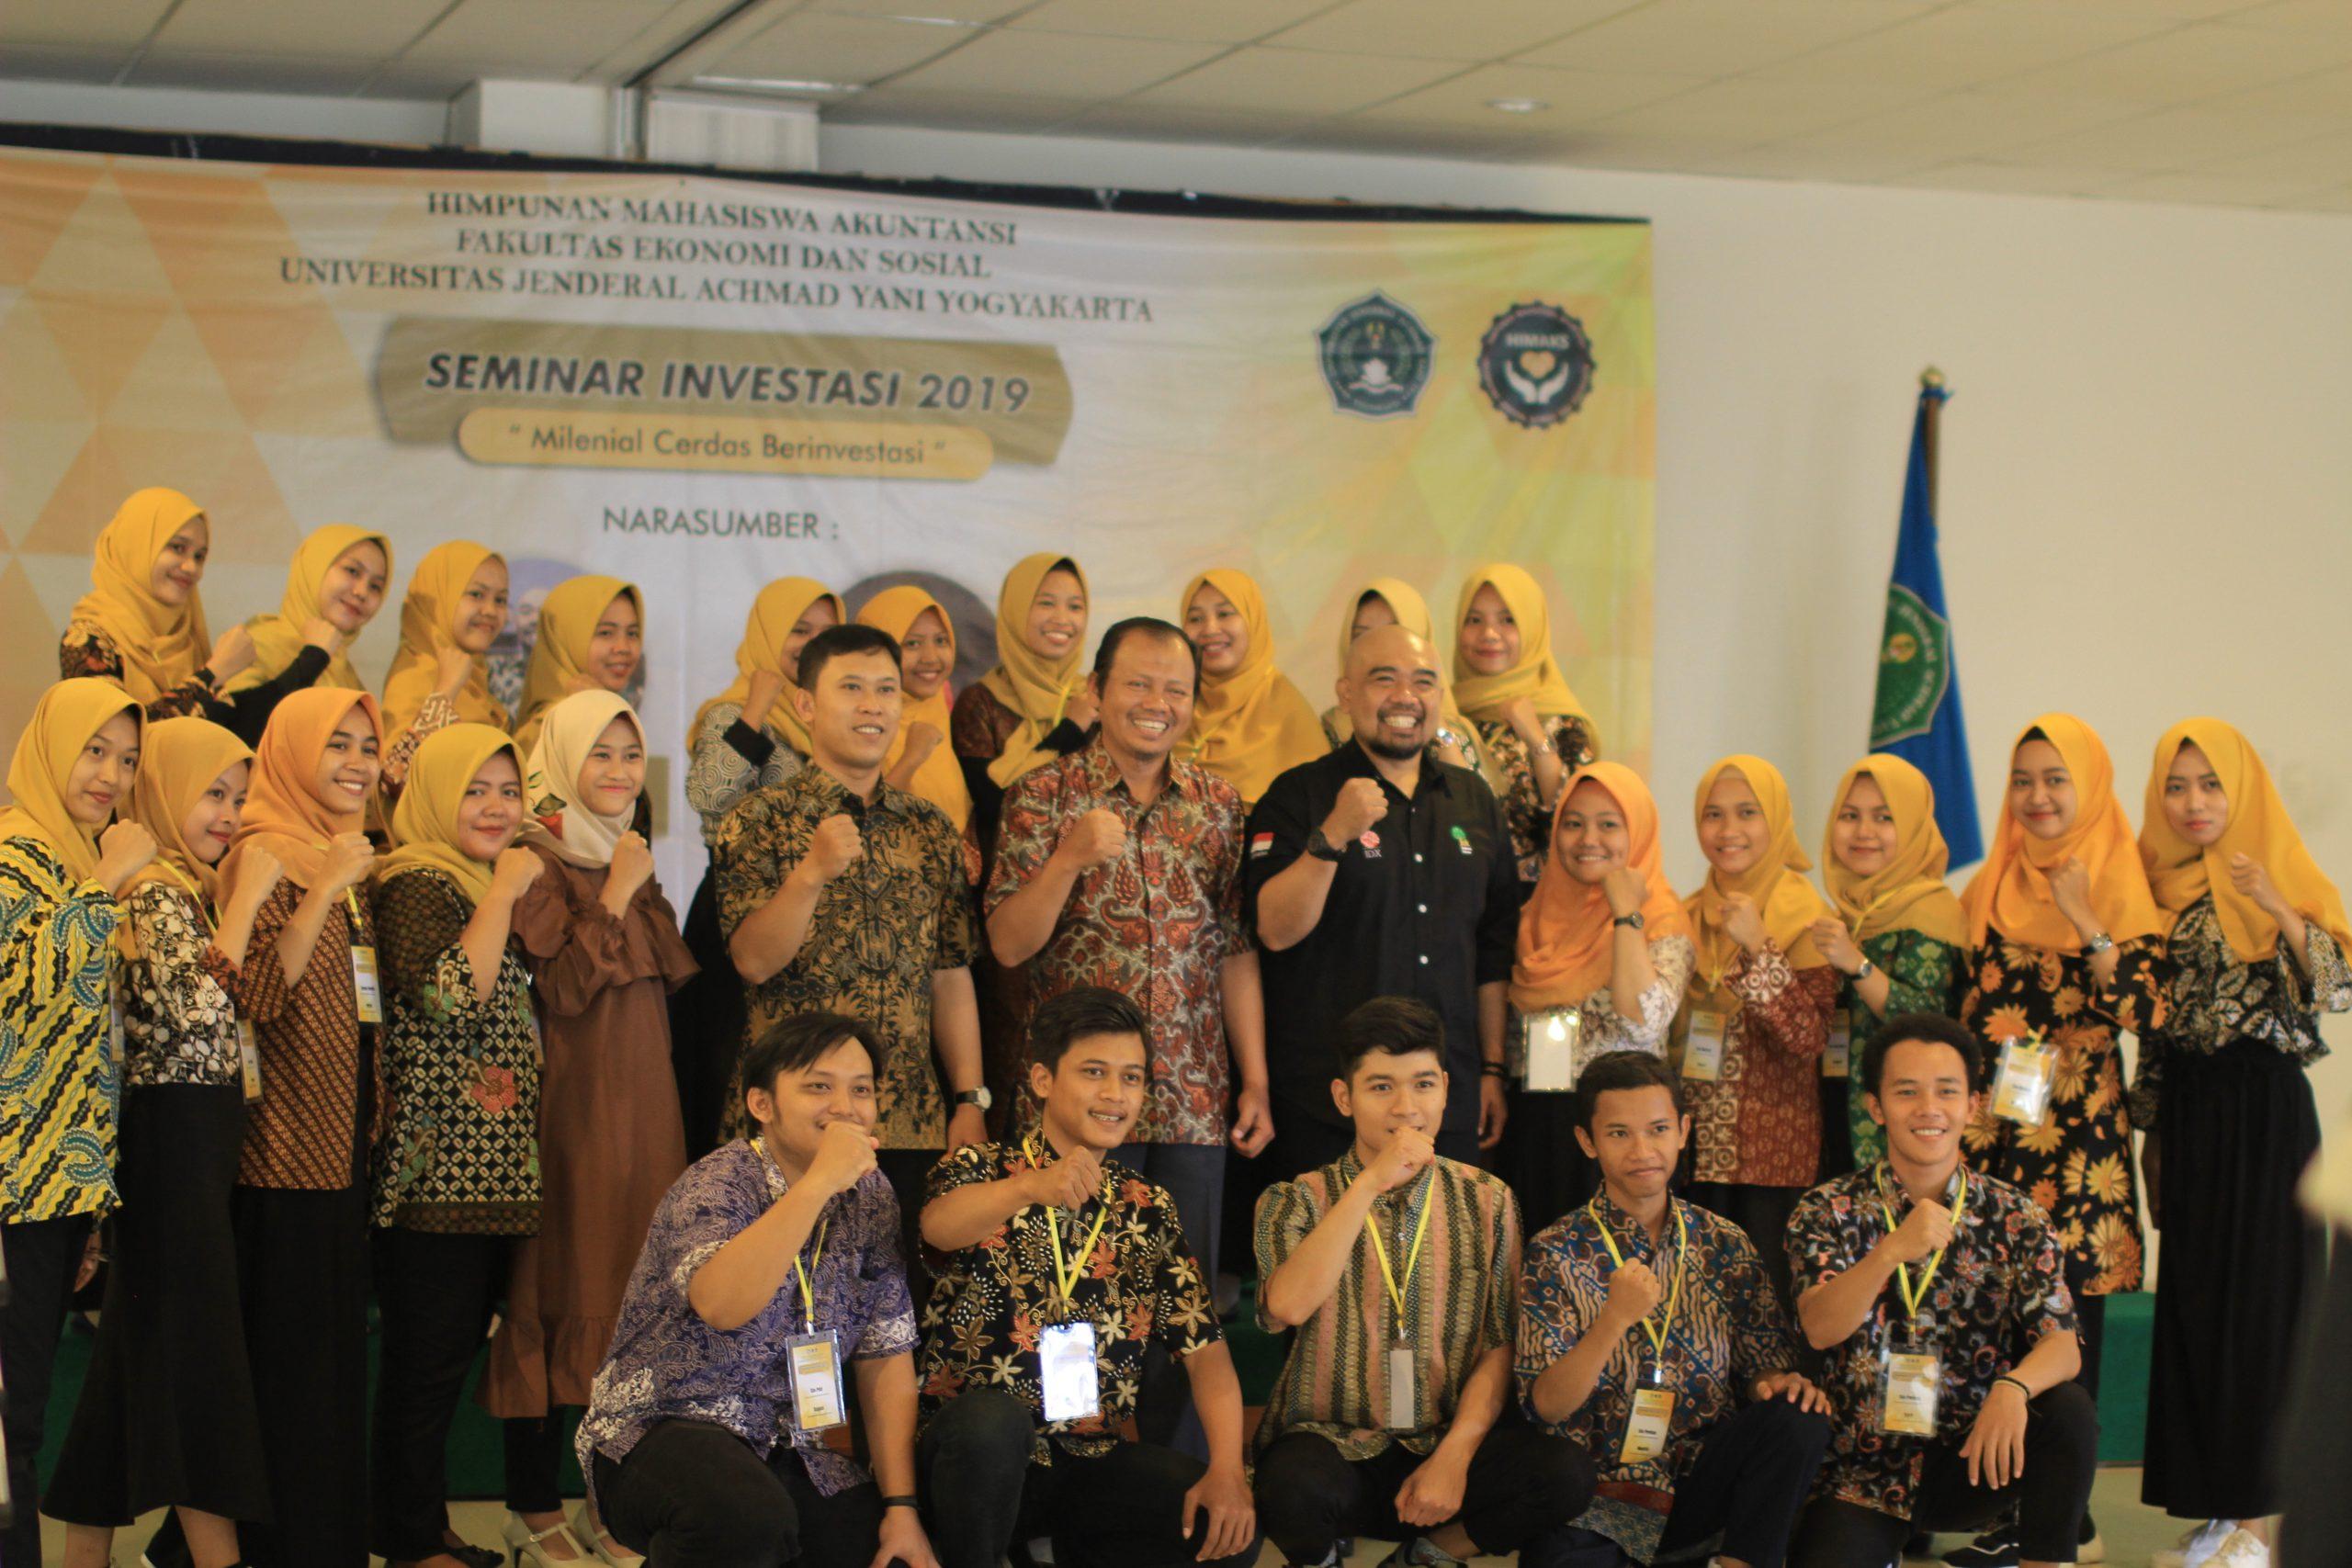 Prodi Akuntansi Gelar Seminar Investasi 2019: Milenial Cerdas Berinvestasi